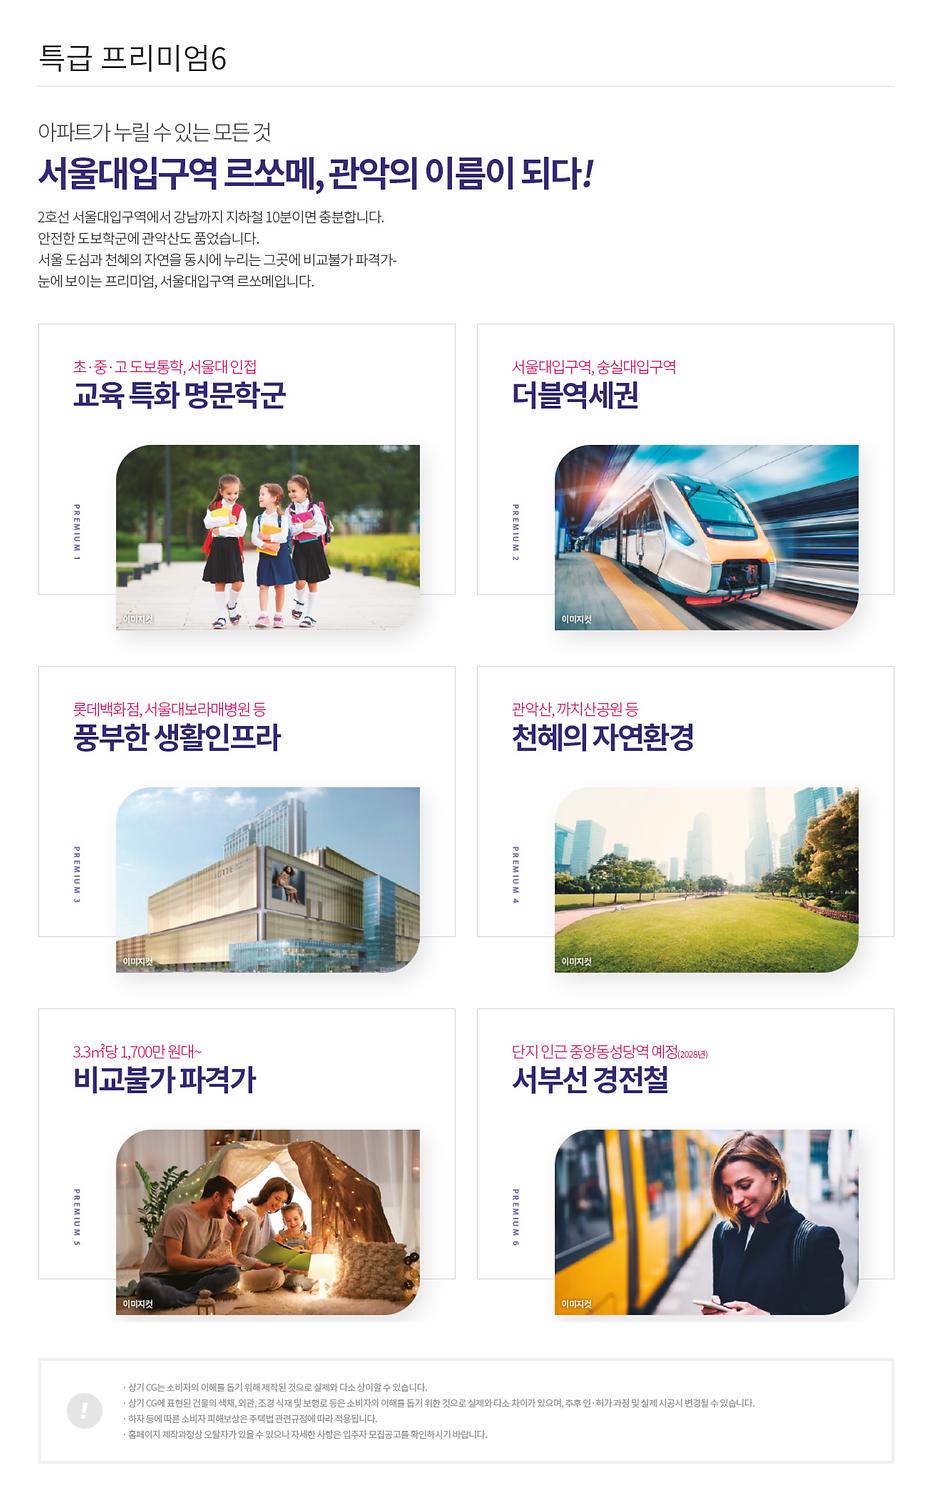 서울대입구역 반도유보라 르쏘메 특급프리미엄6.png